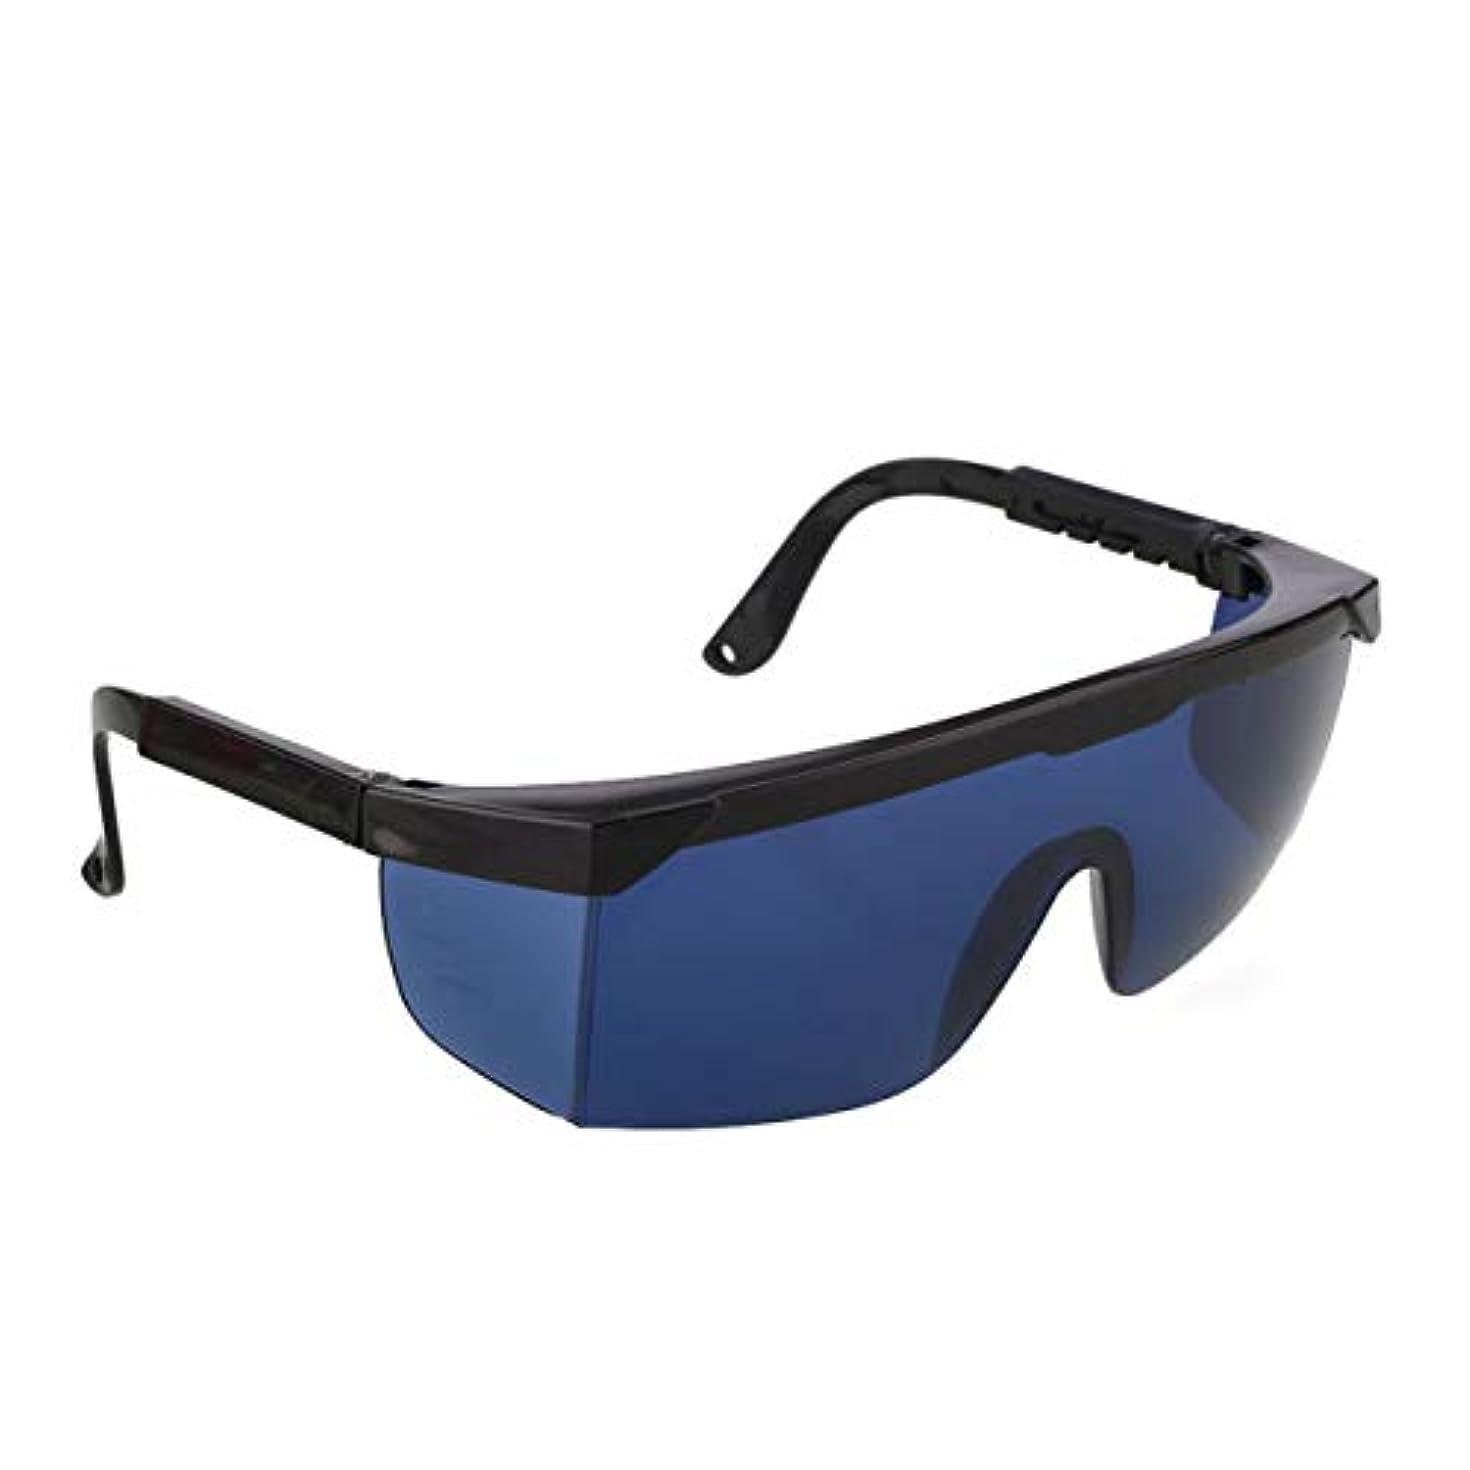 署名ええ消費Saikogoods 除毛クリーム ポイント脱毛保護メガネユニバーサルゴーグル眼鏡を凍結IPL/E-光OPTのためのレーザー保護メガネ 青